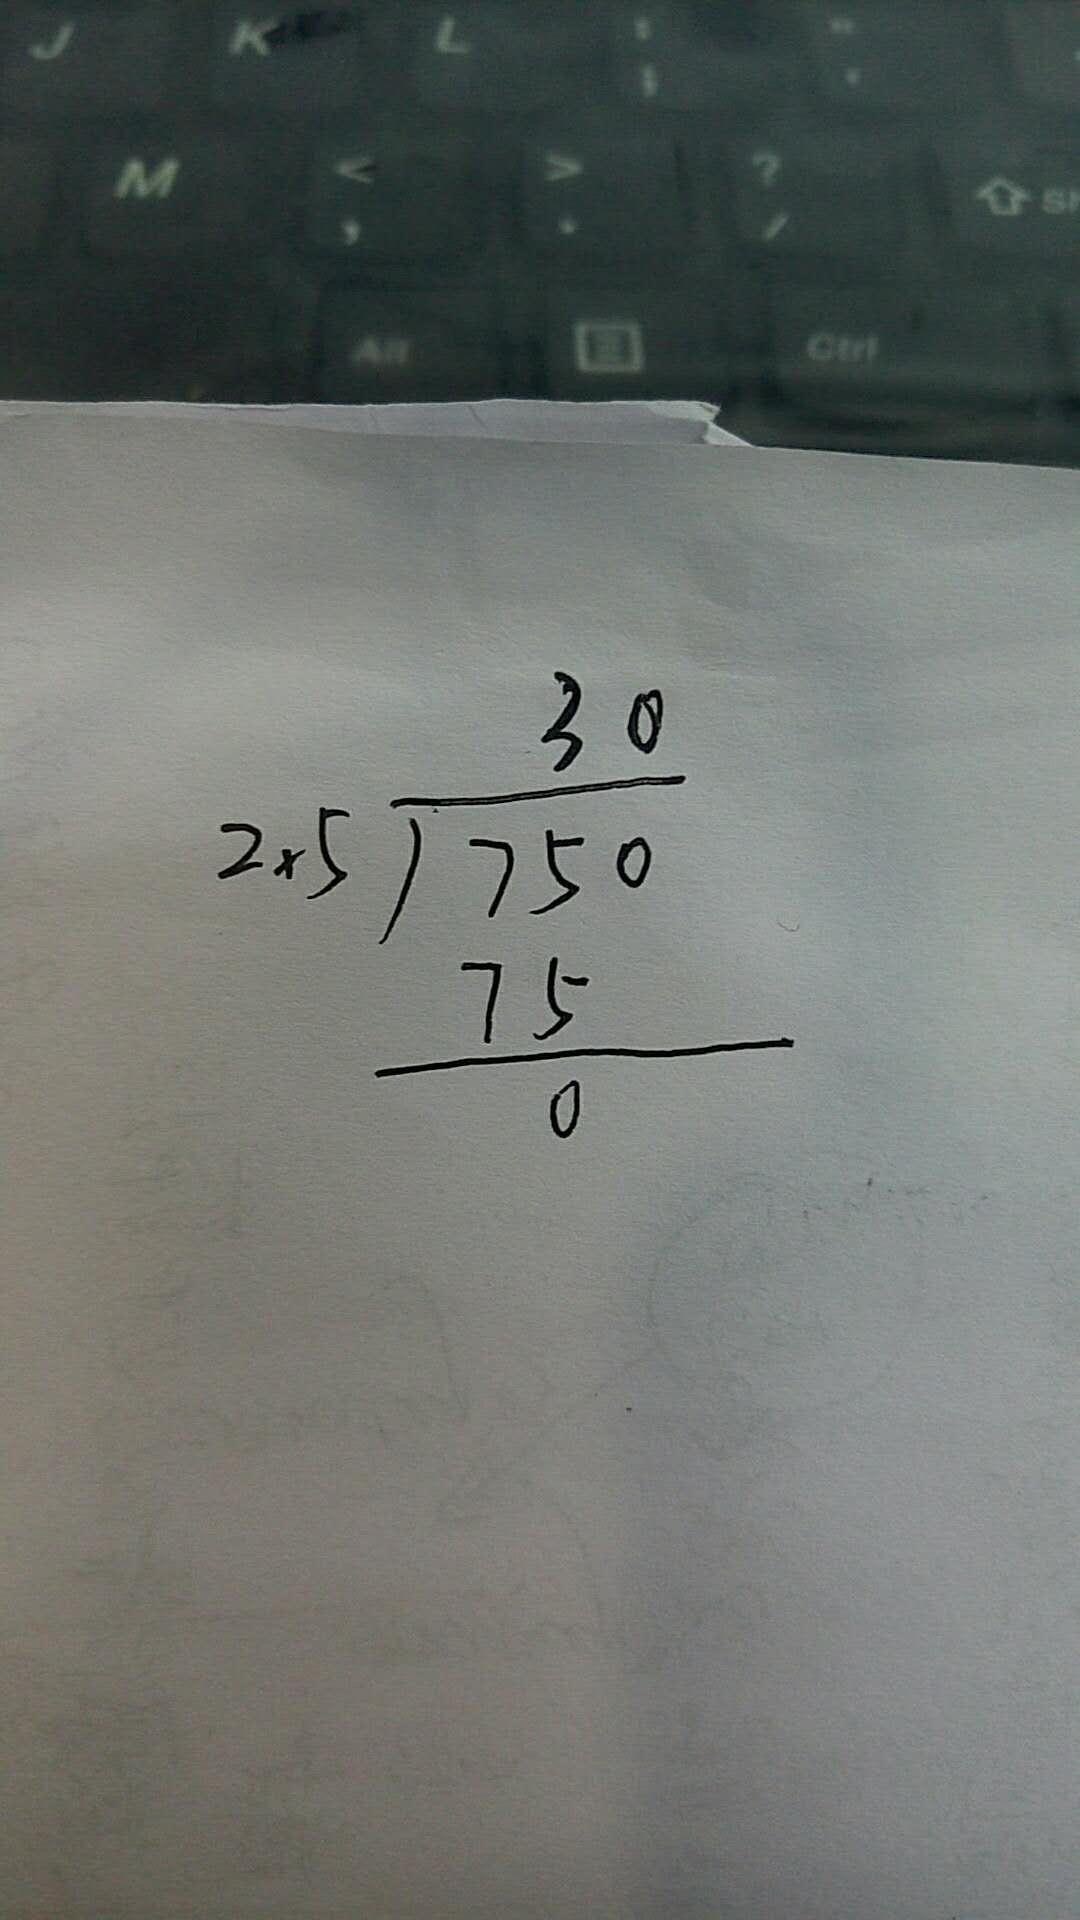 75除以2.5等于多少